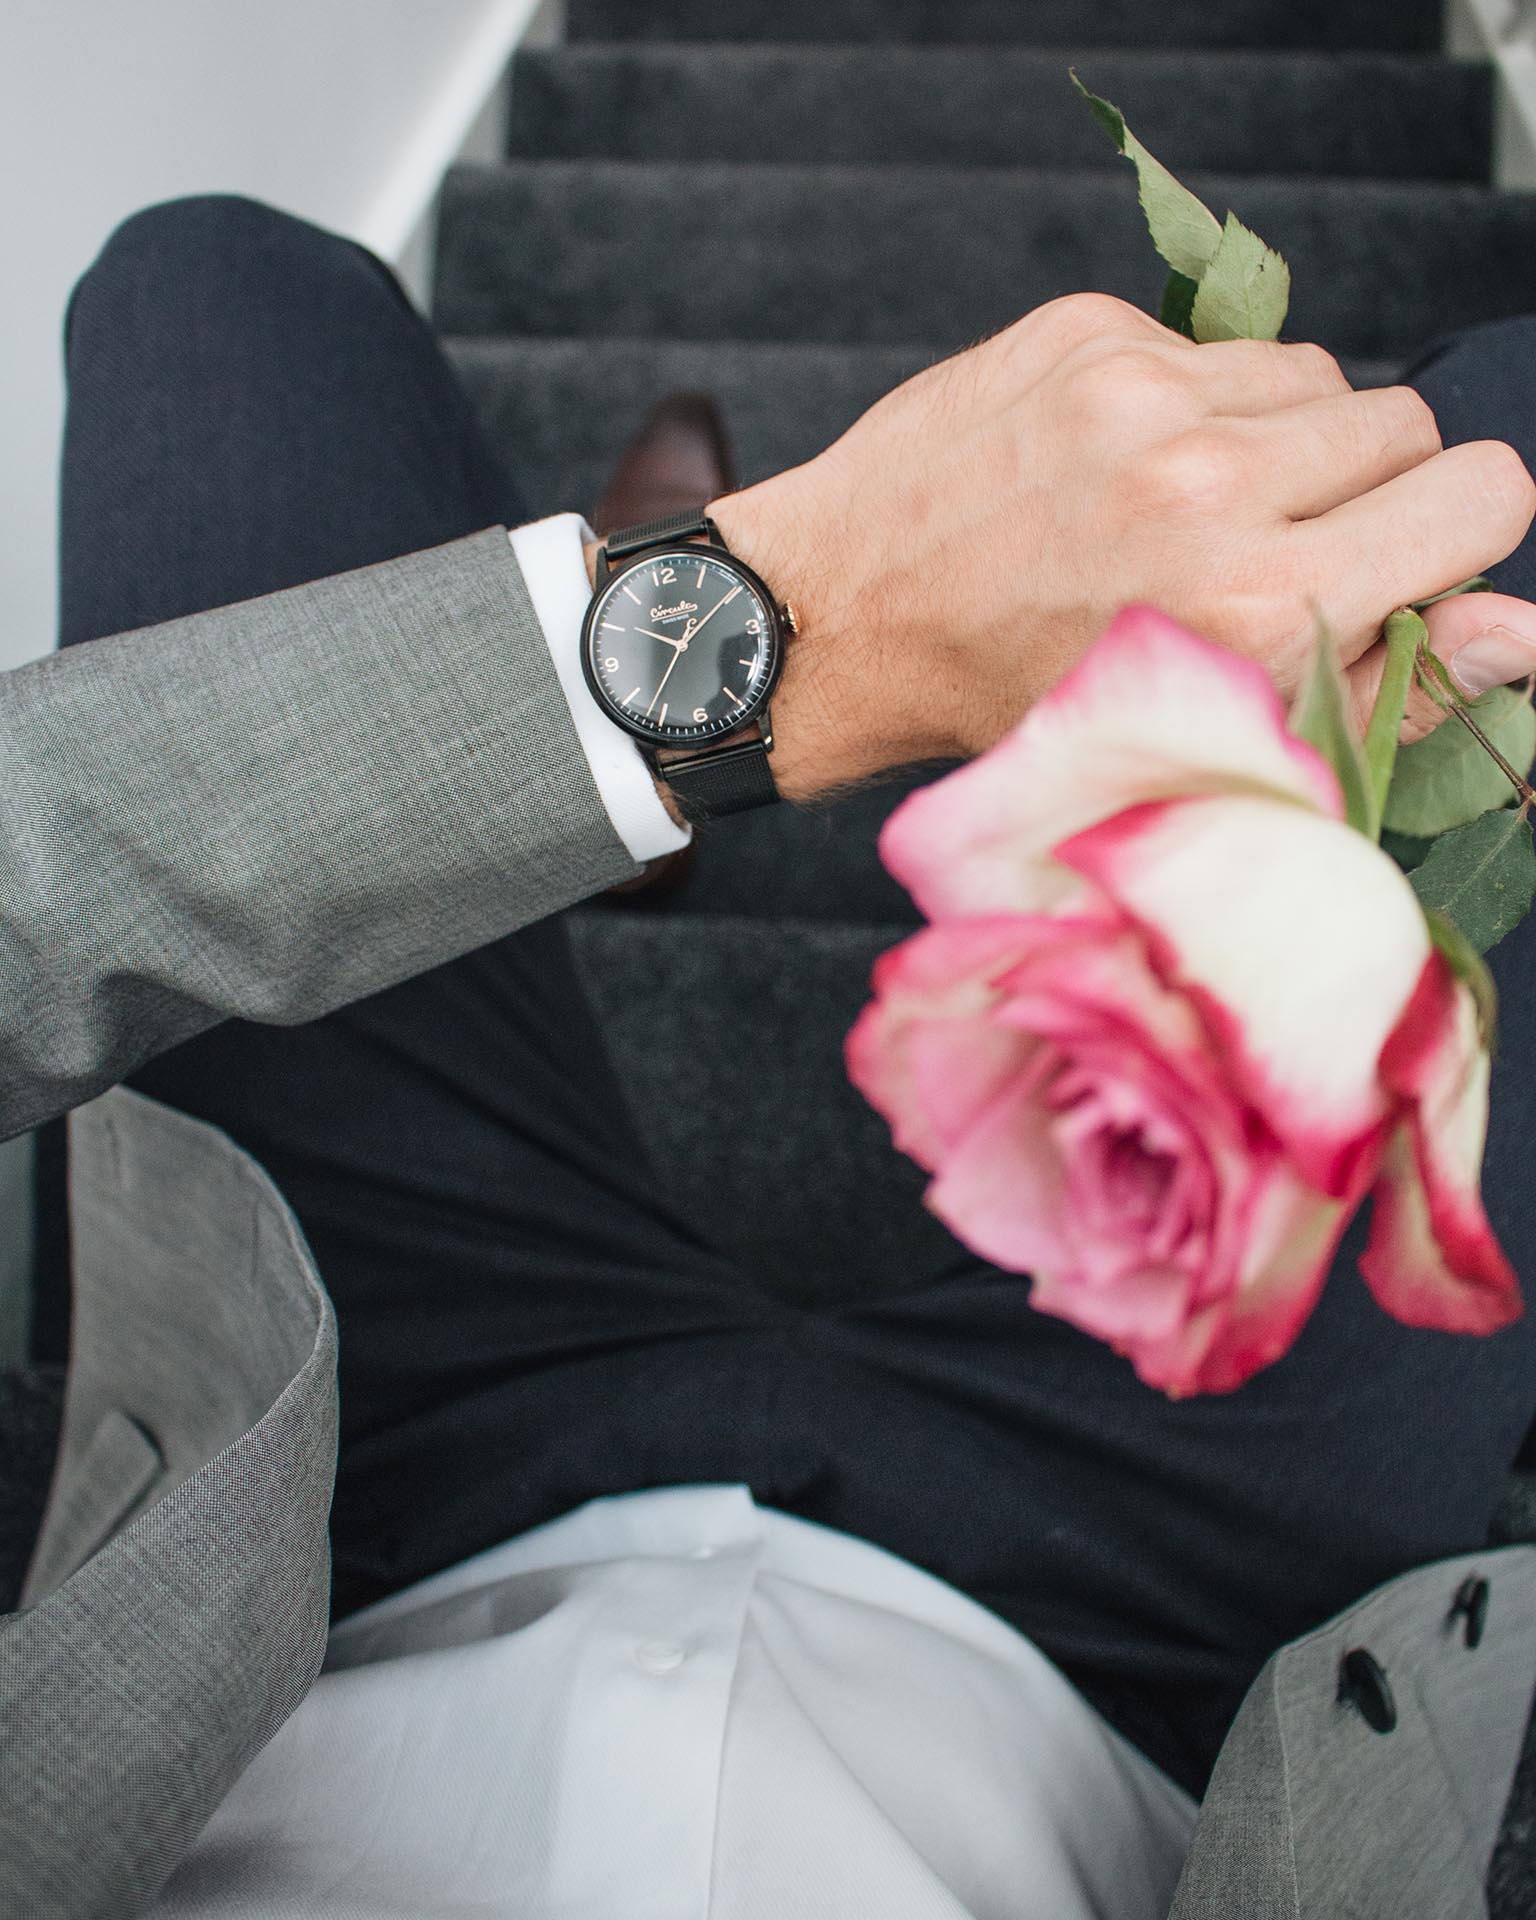 Circula watches -